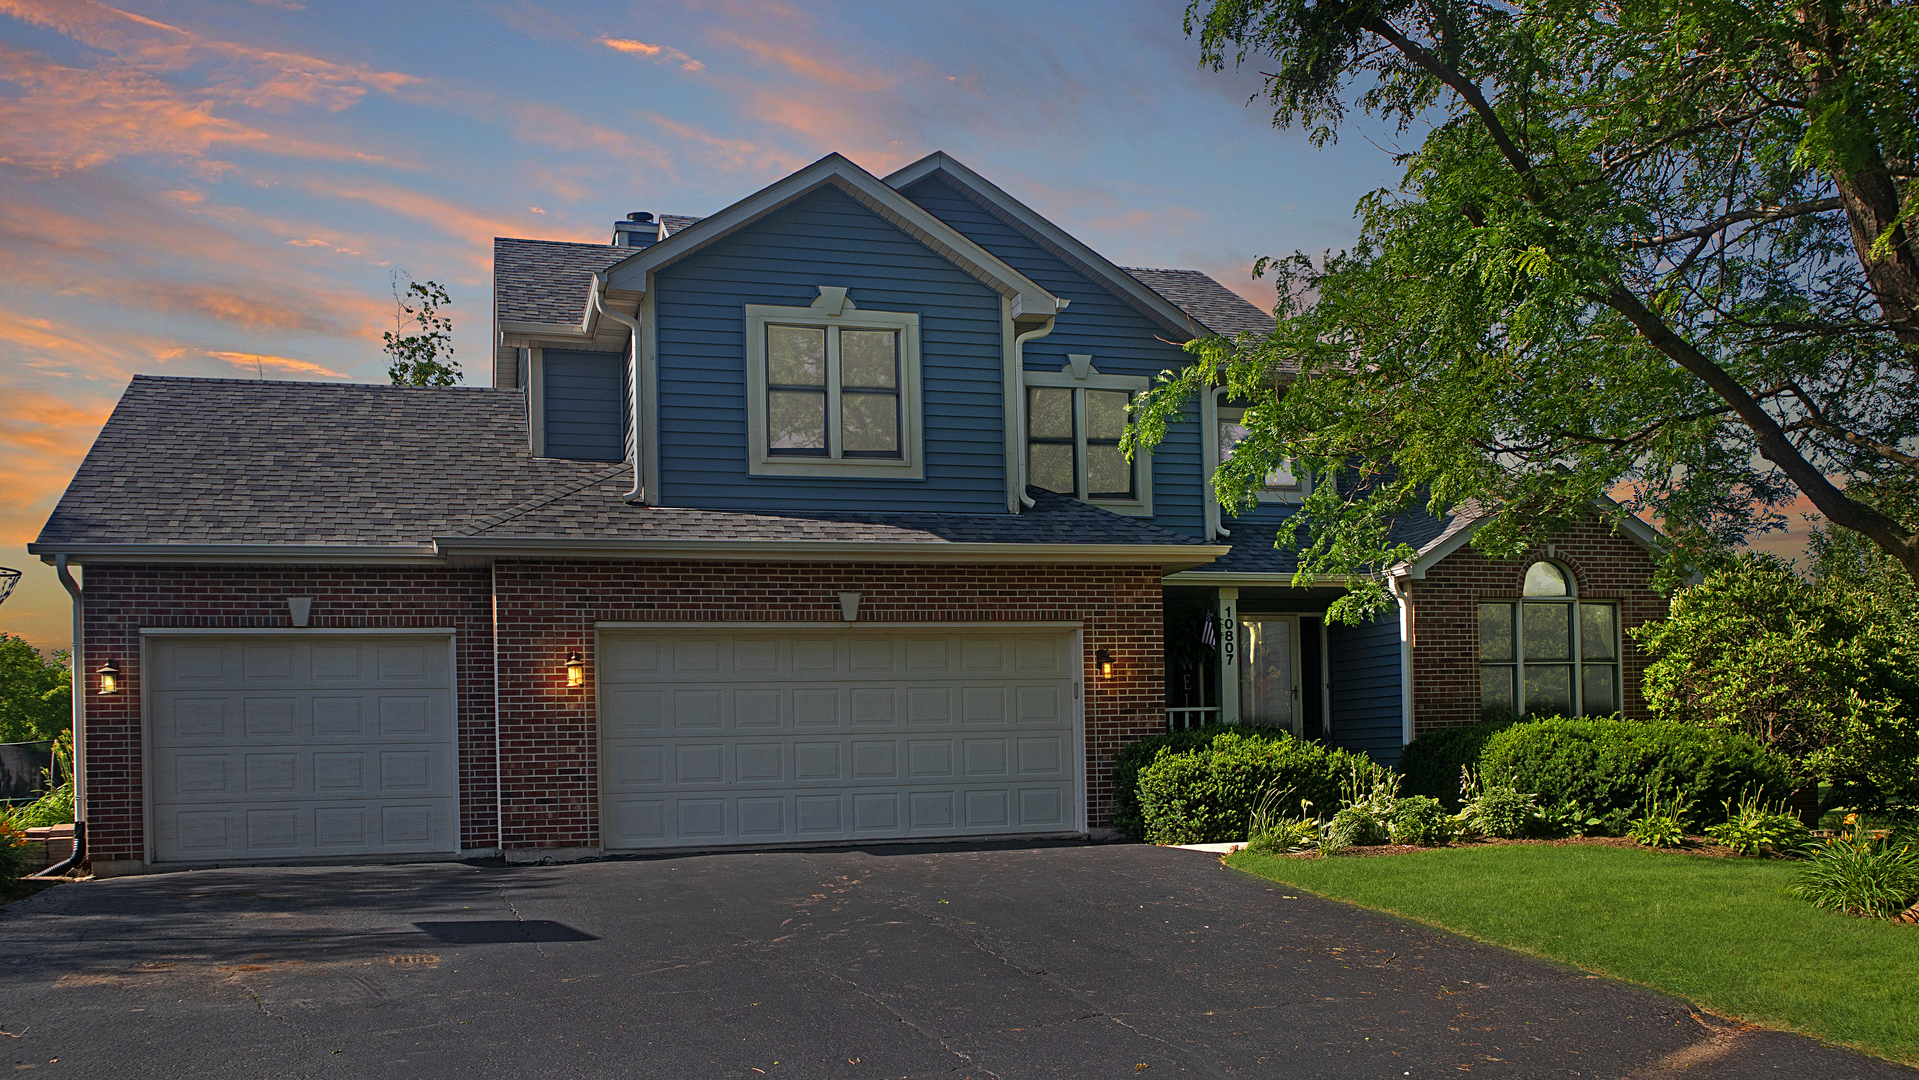 10807 Michigan Drive, Spring Grove, Illinois 60081